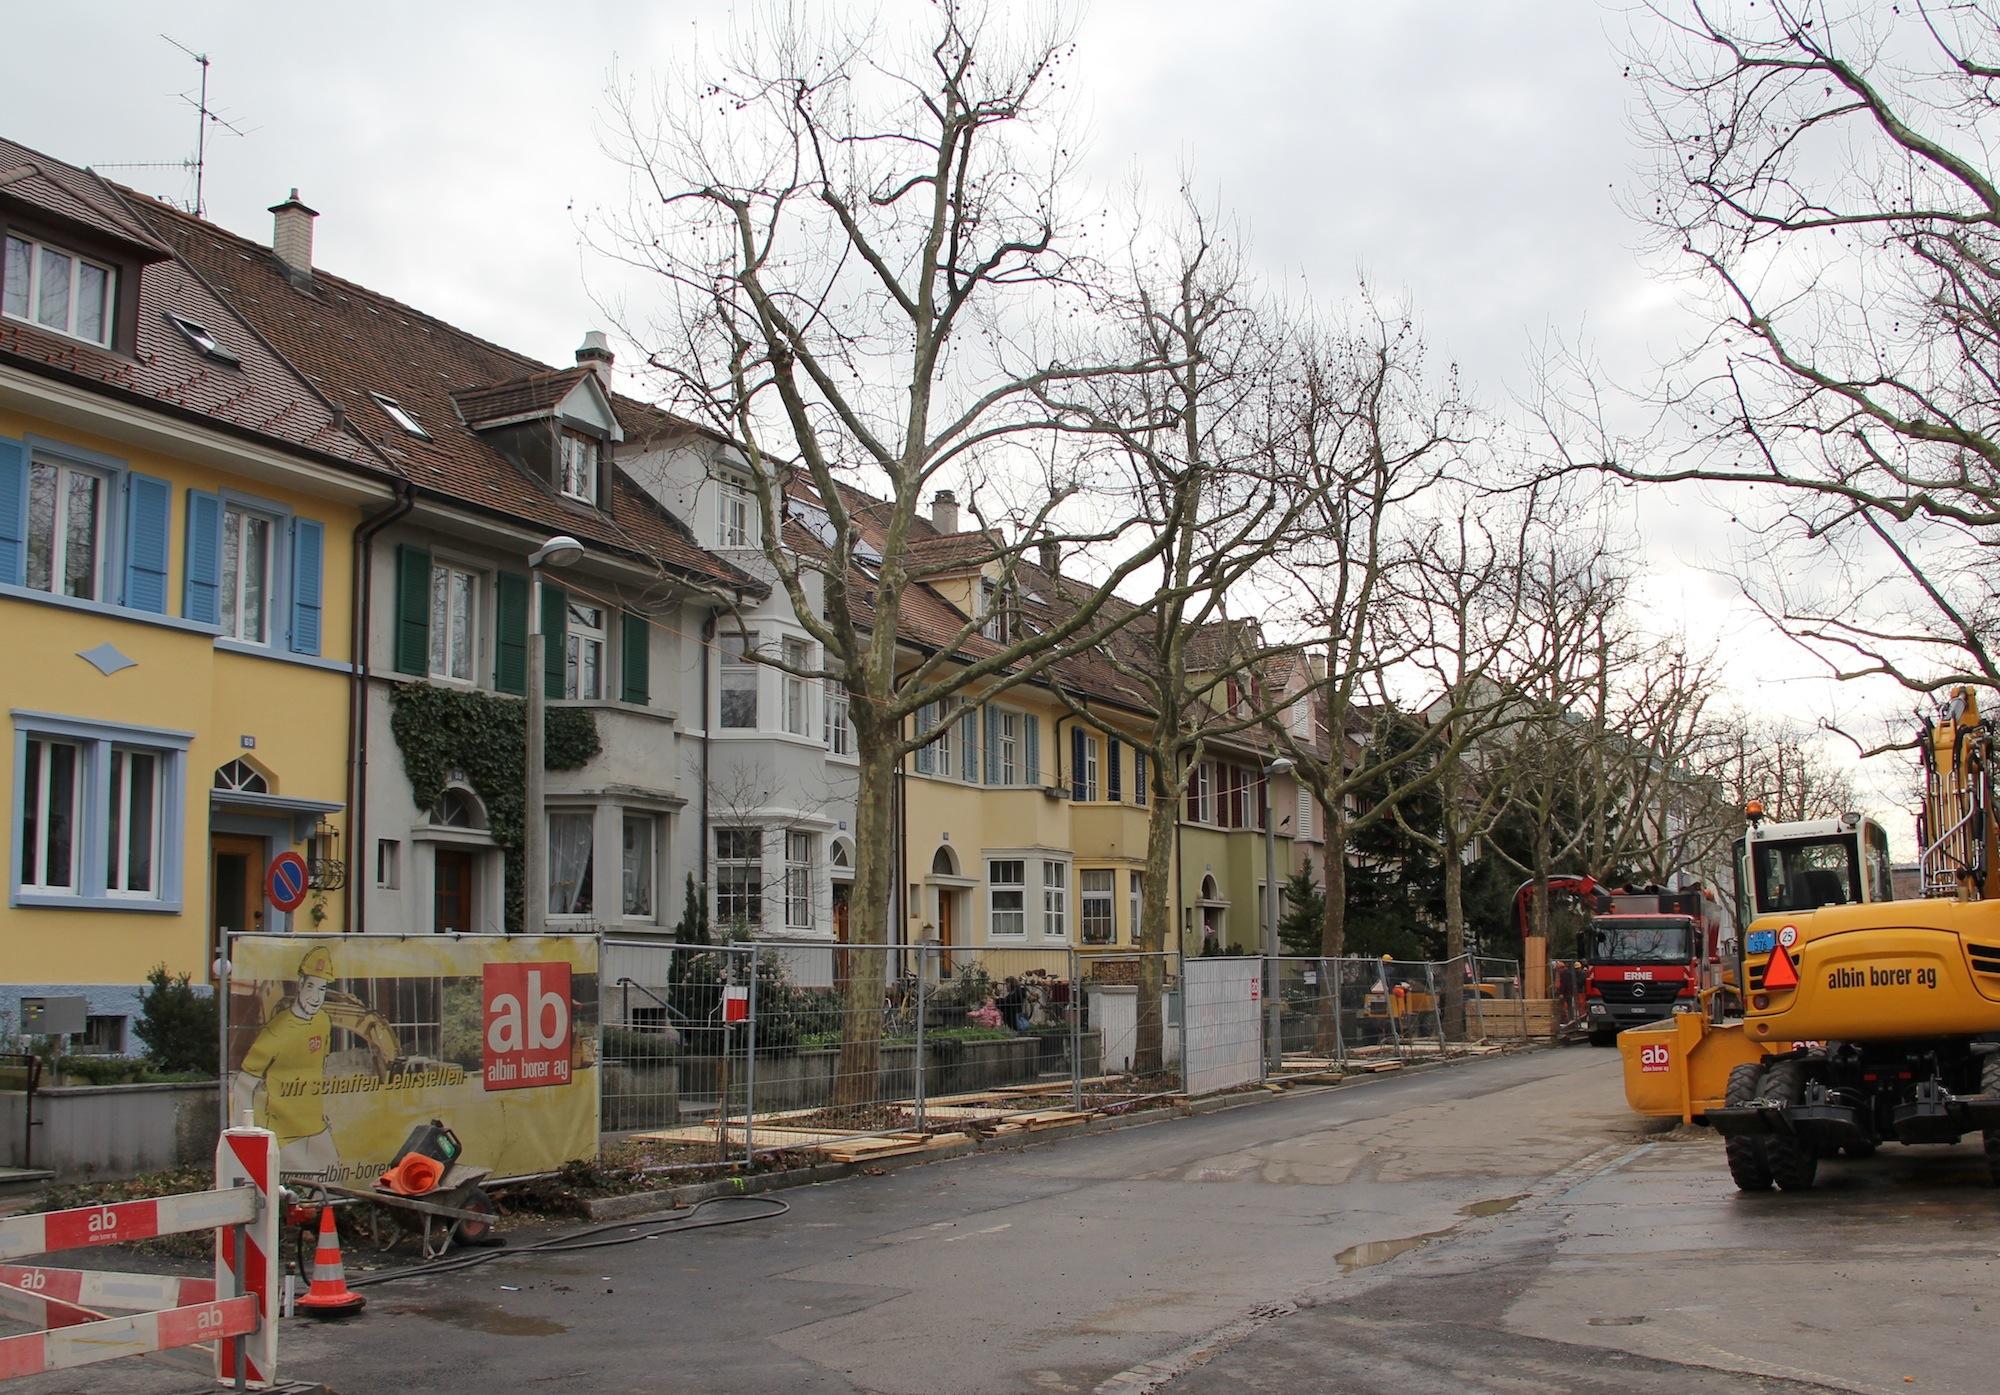 Die besagte Häuserzeile von der Schwarzwaldallee aus betrachtet: Manche Anwohner können wegen der Rheintunnel-Zusicherung aufatmen, hoffen bis dann aber auf mehr Lärmschutz.